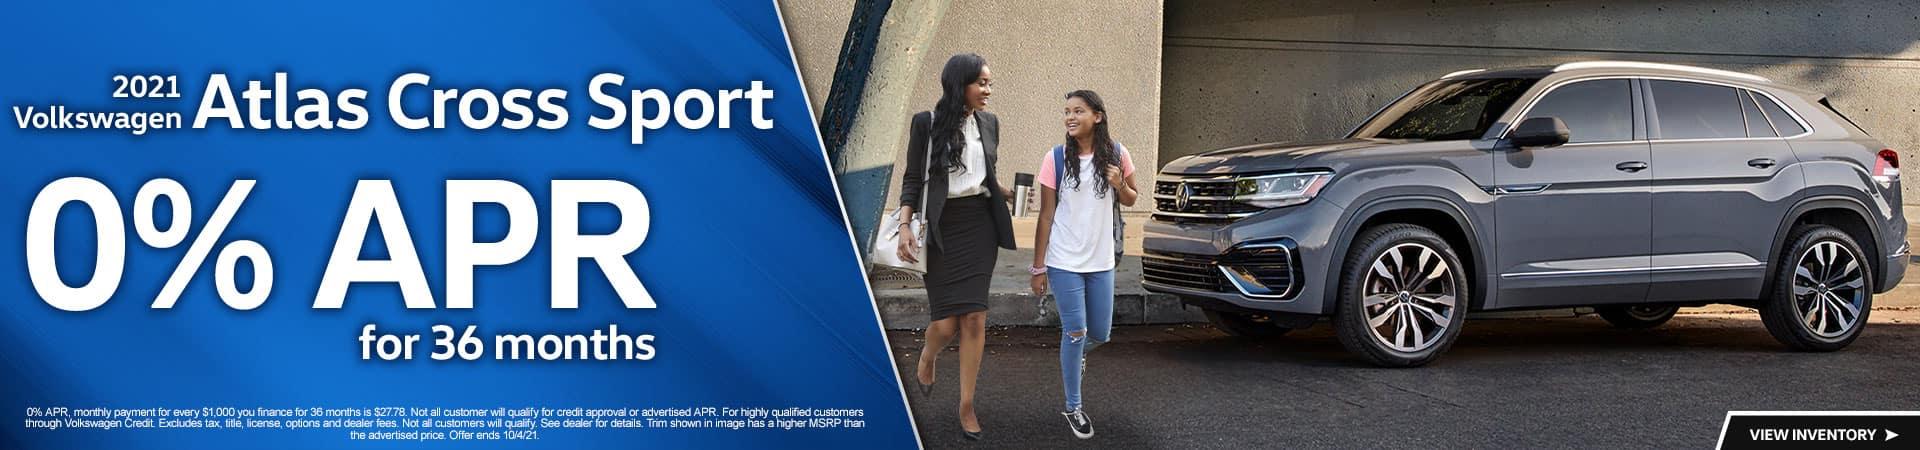 HNVO89340-01-September-Campaign-Slides-atlas